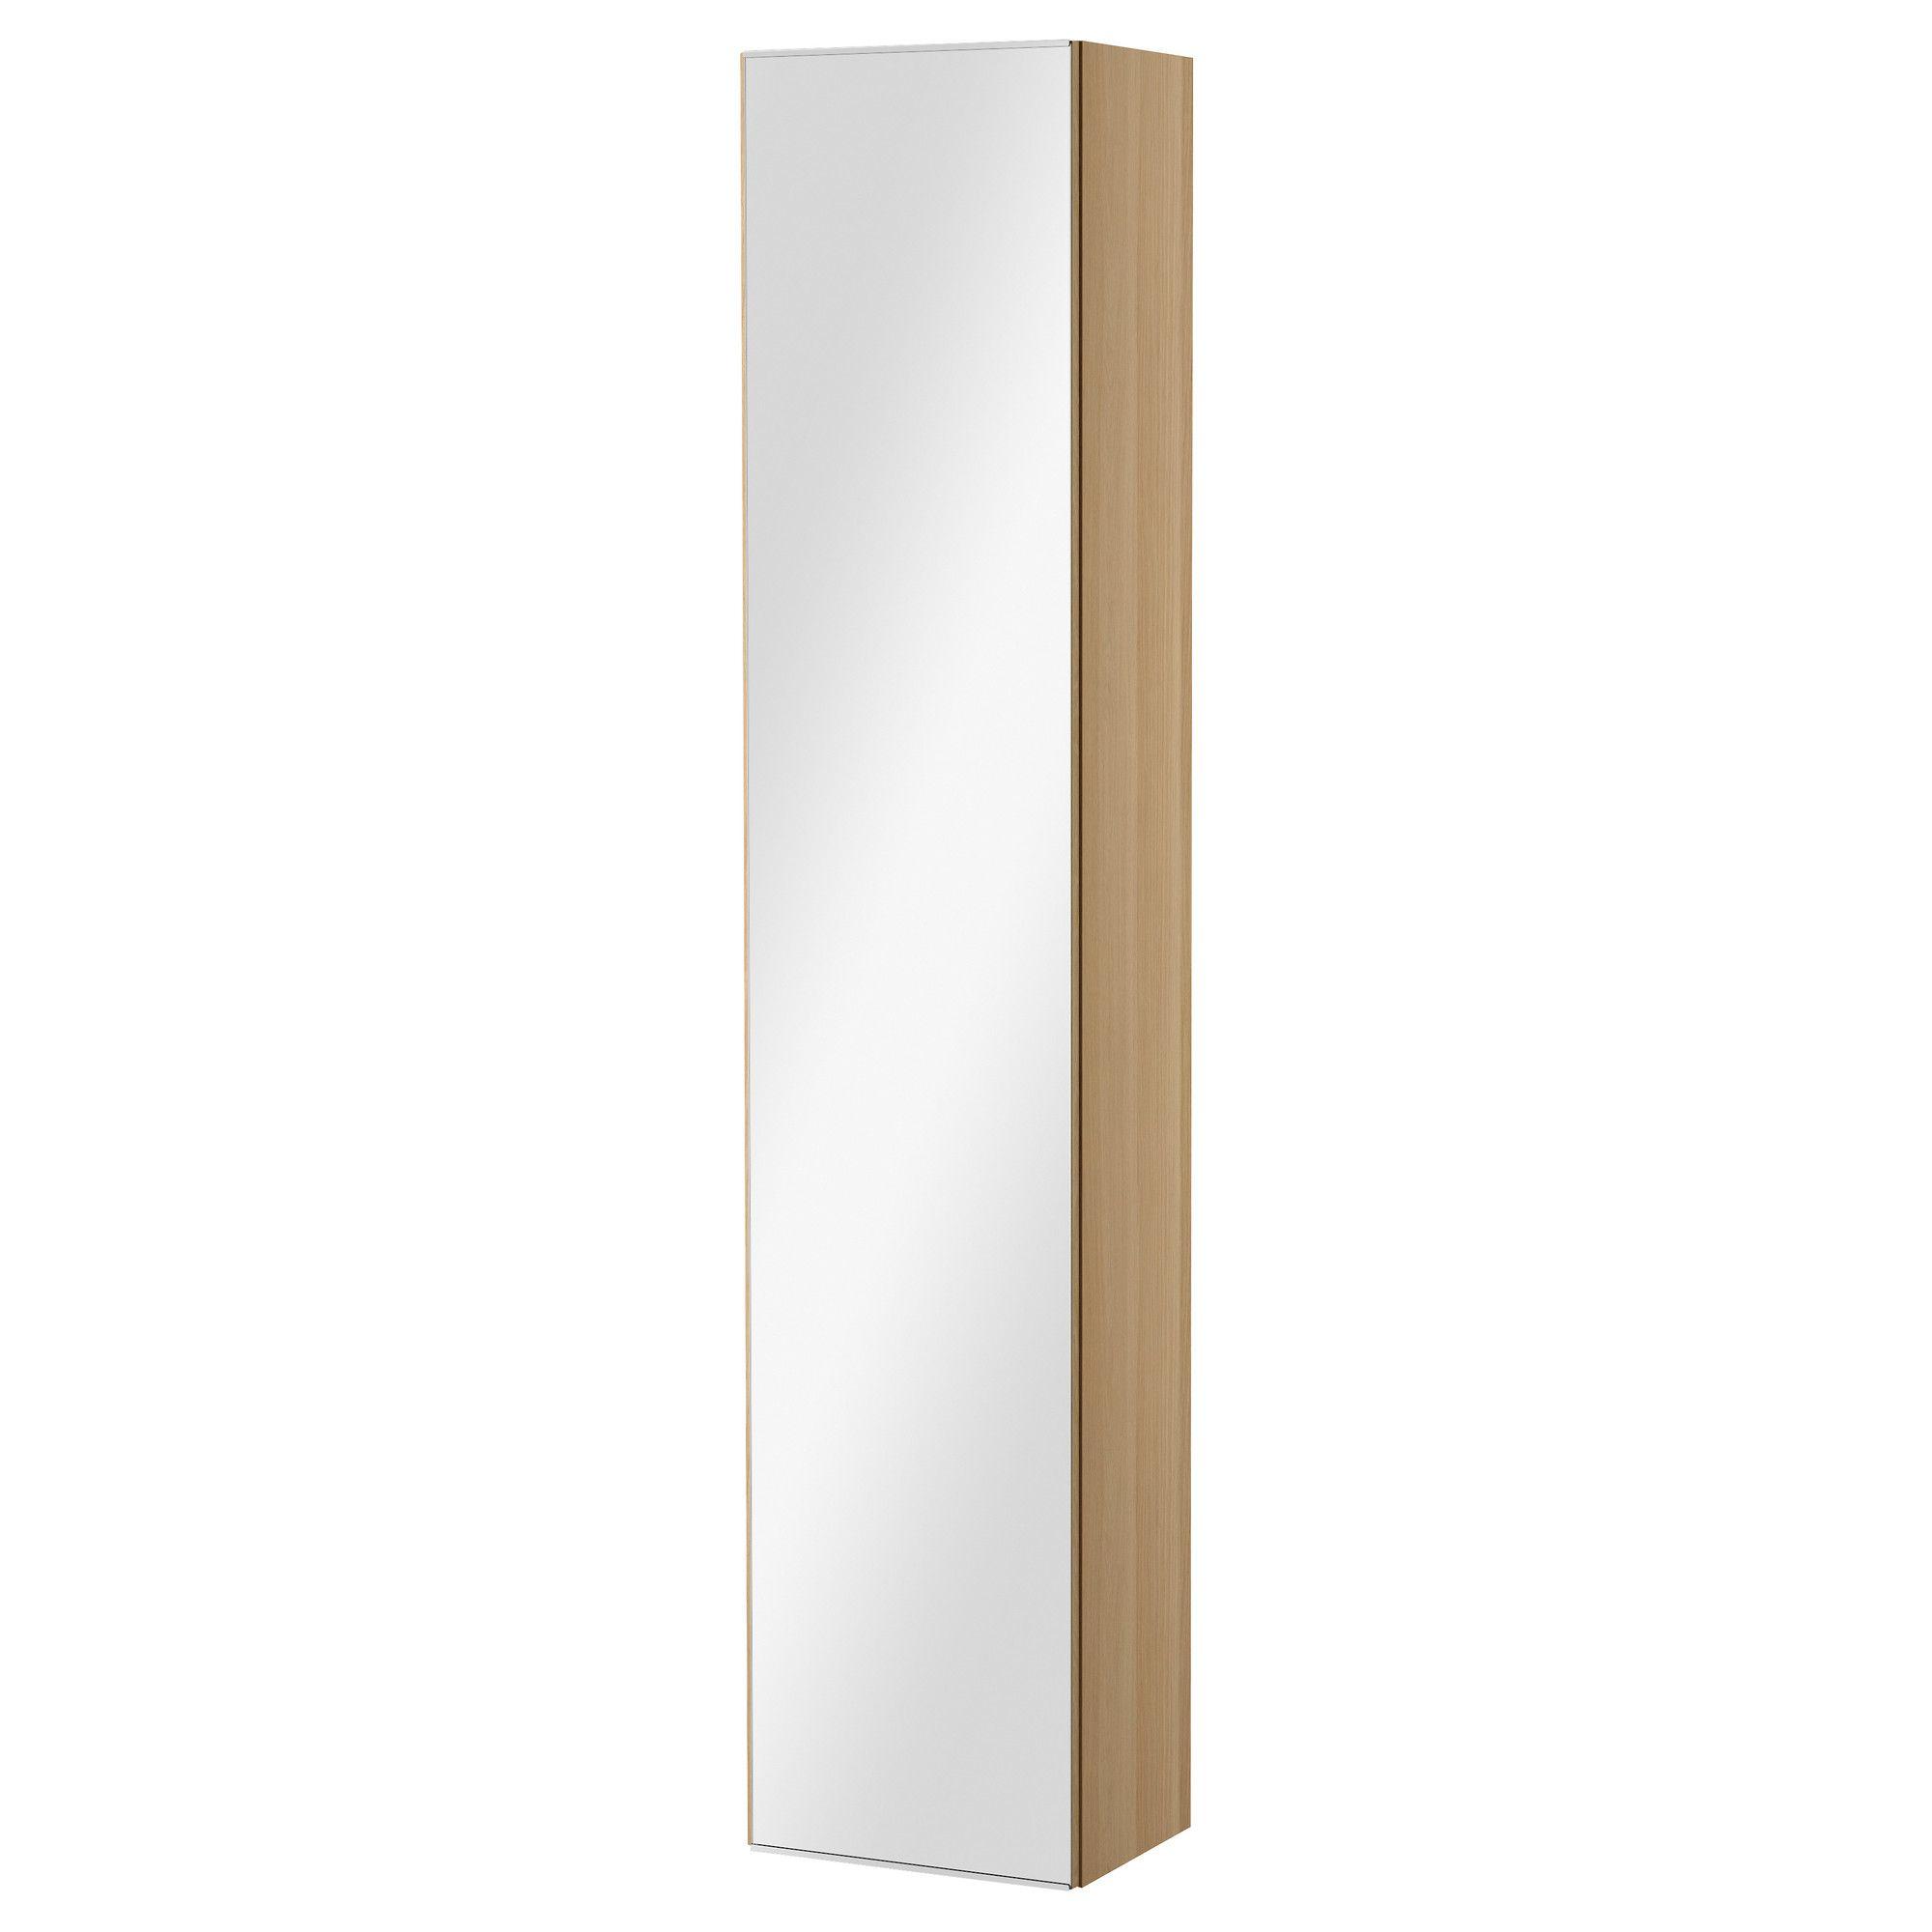 Ikea Bathroom Doors Godmorgon High Cabinet With Mirror Door White Stained Oak Effect